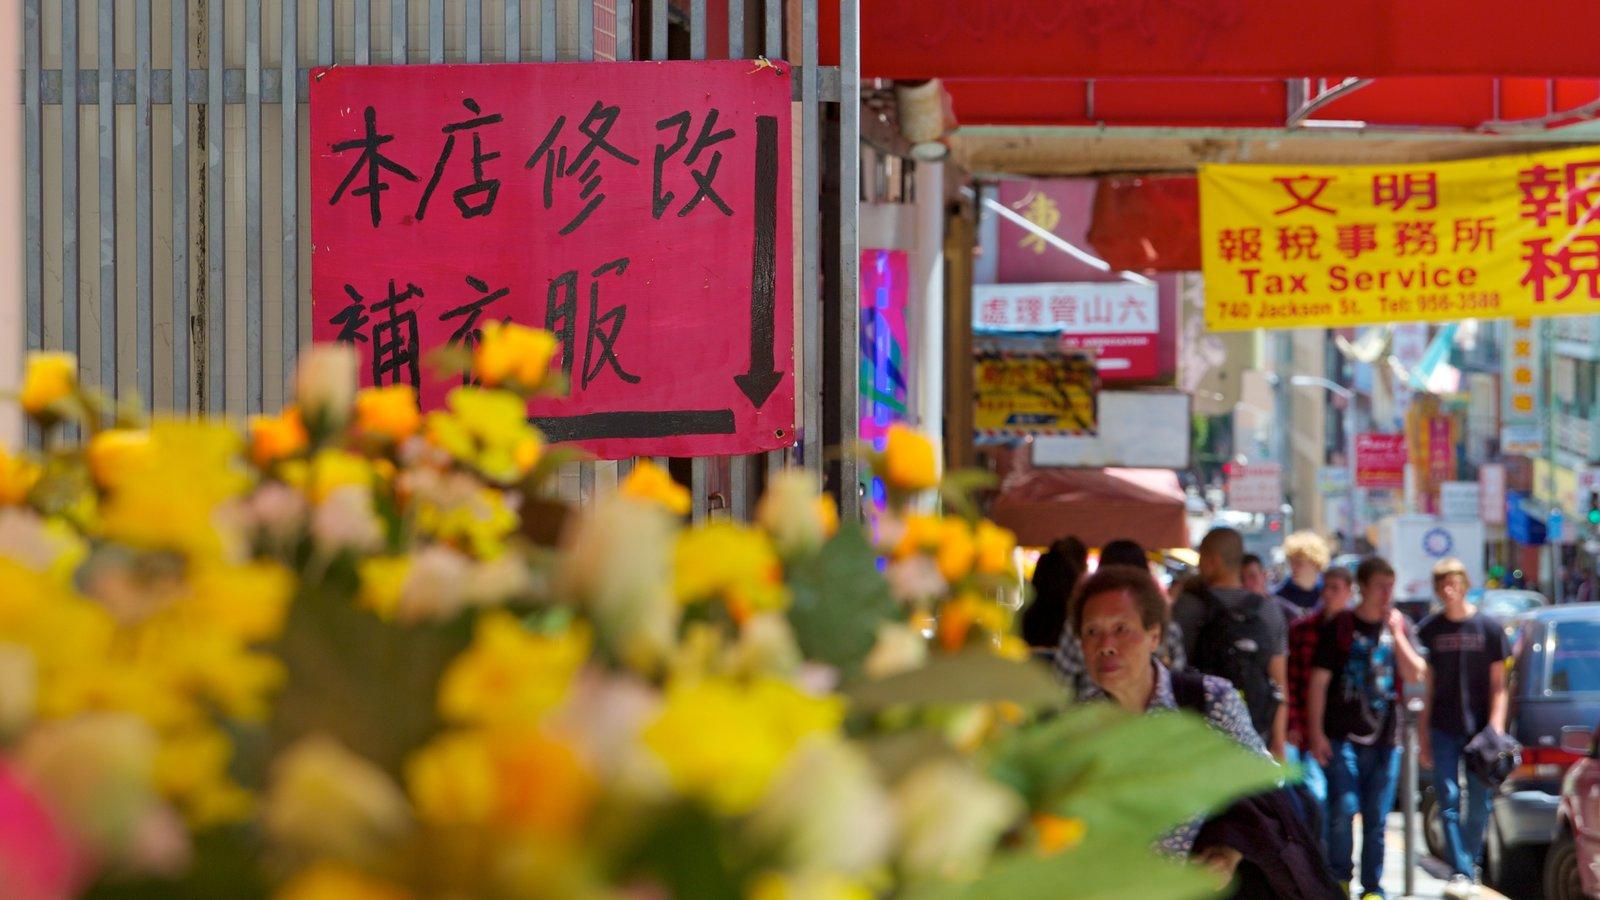 Chinatown mostrando cenas de rua, flores e sinalização